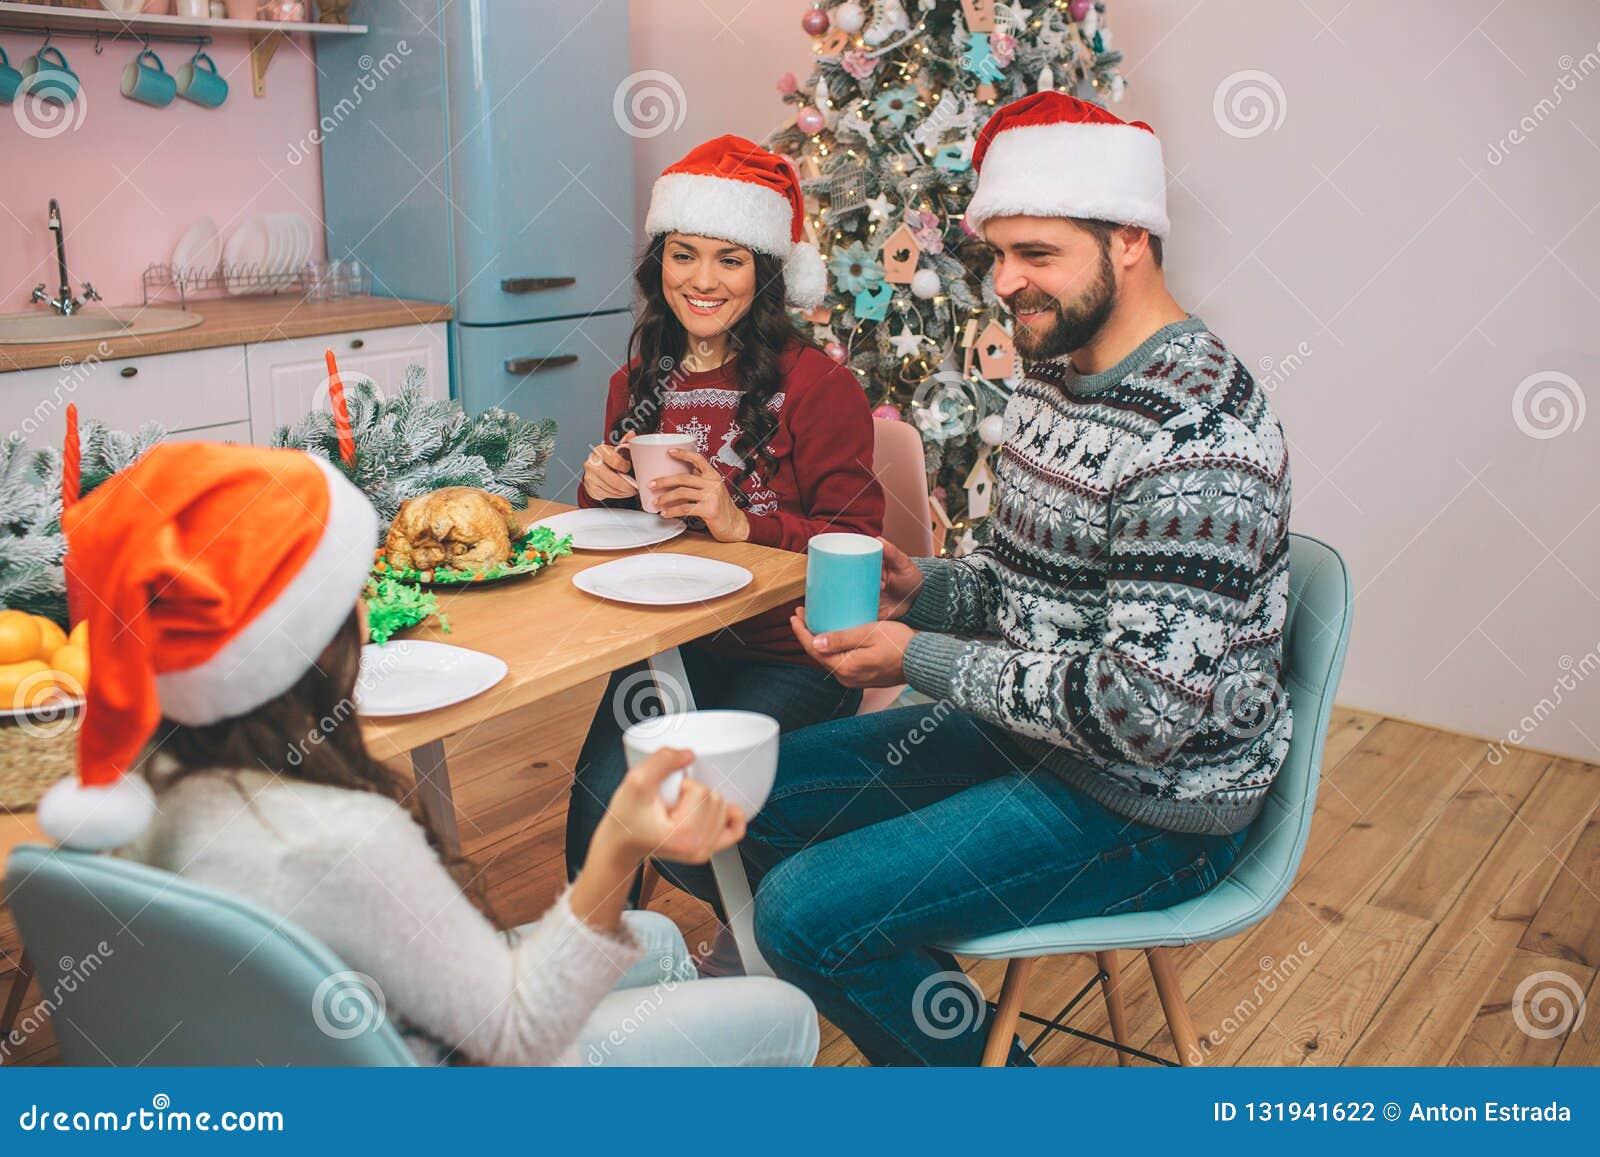 坐在tabel和神色的美丽的家庭的图片在彼此 他们在手上拿着杯子 人们互相微笑